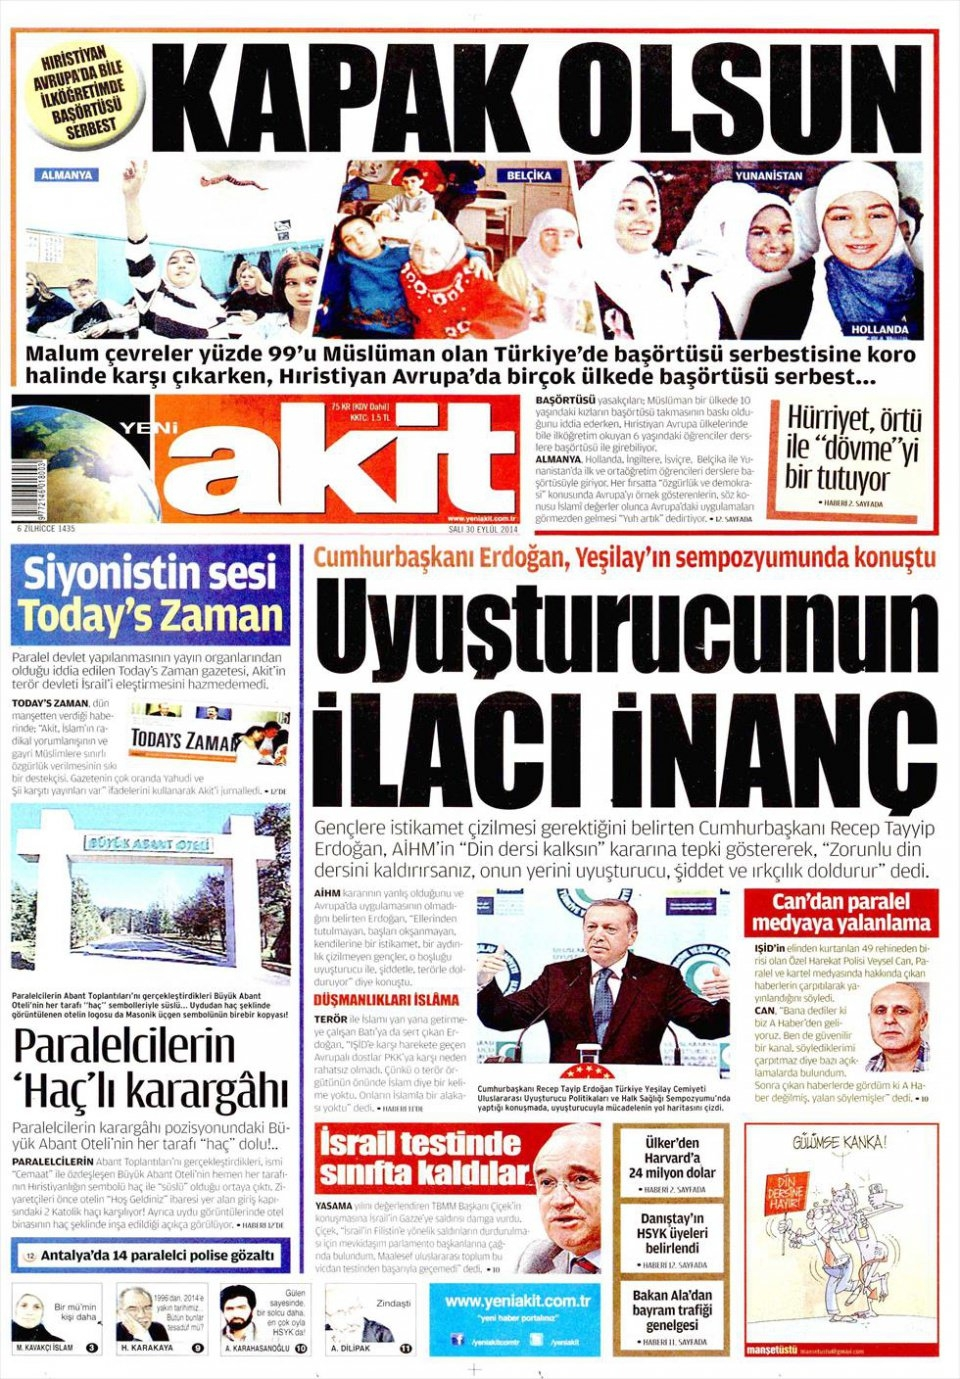 30 Eylül 2014 gazete manşetleri 23